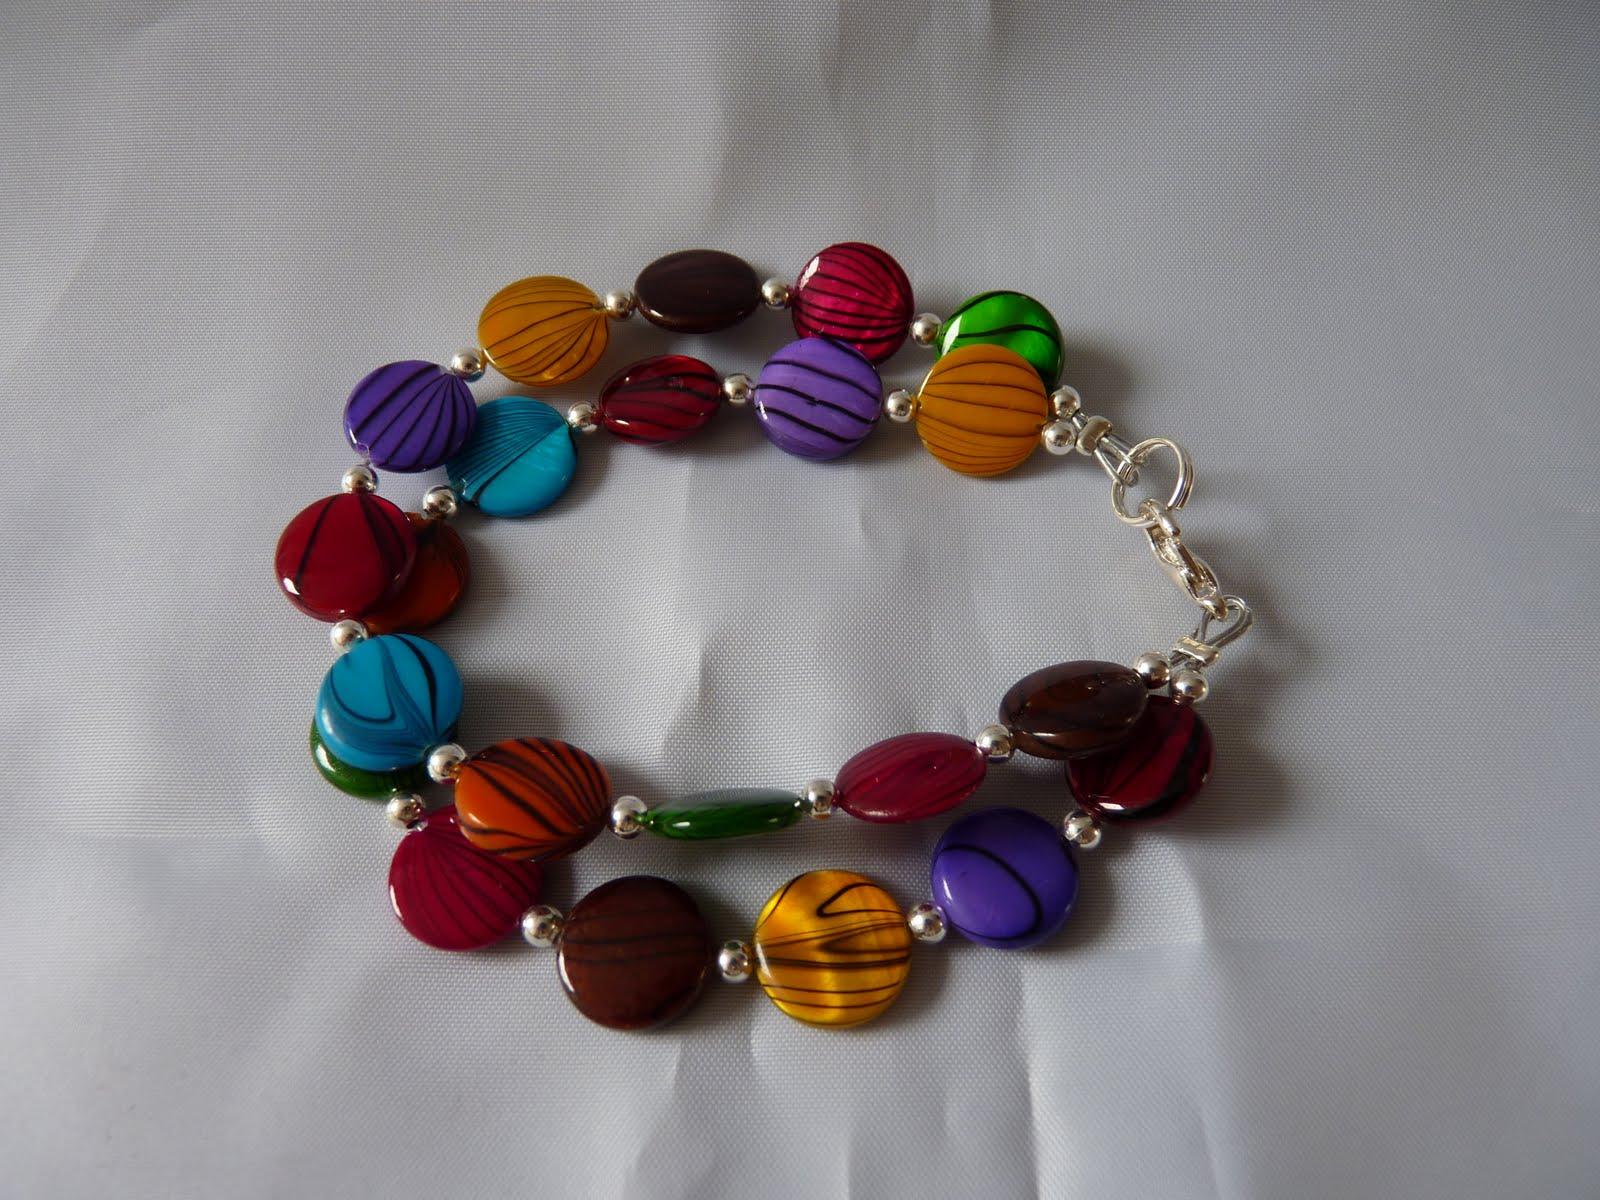 Bijoux d 39 un jour bracelet arc en ciel - Bracelet arc en ciel ...